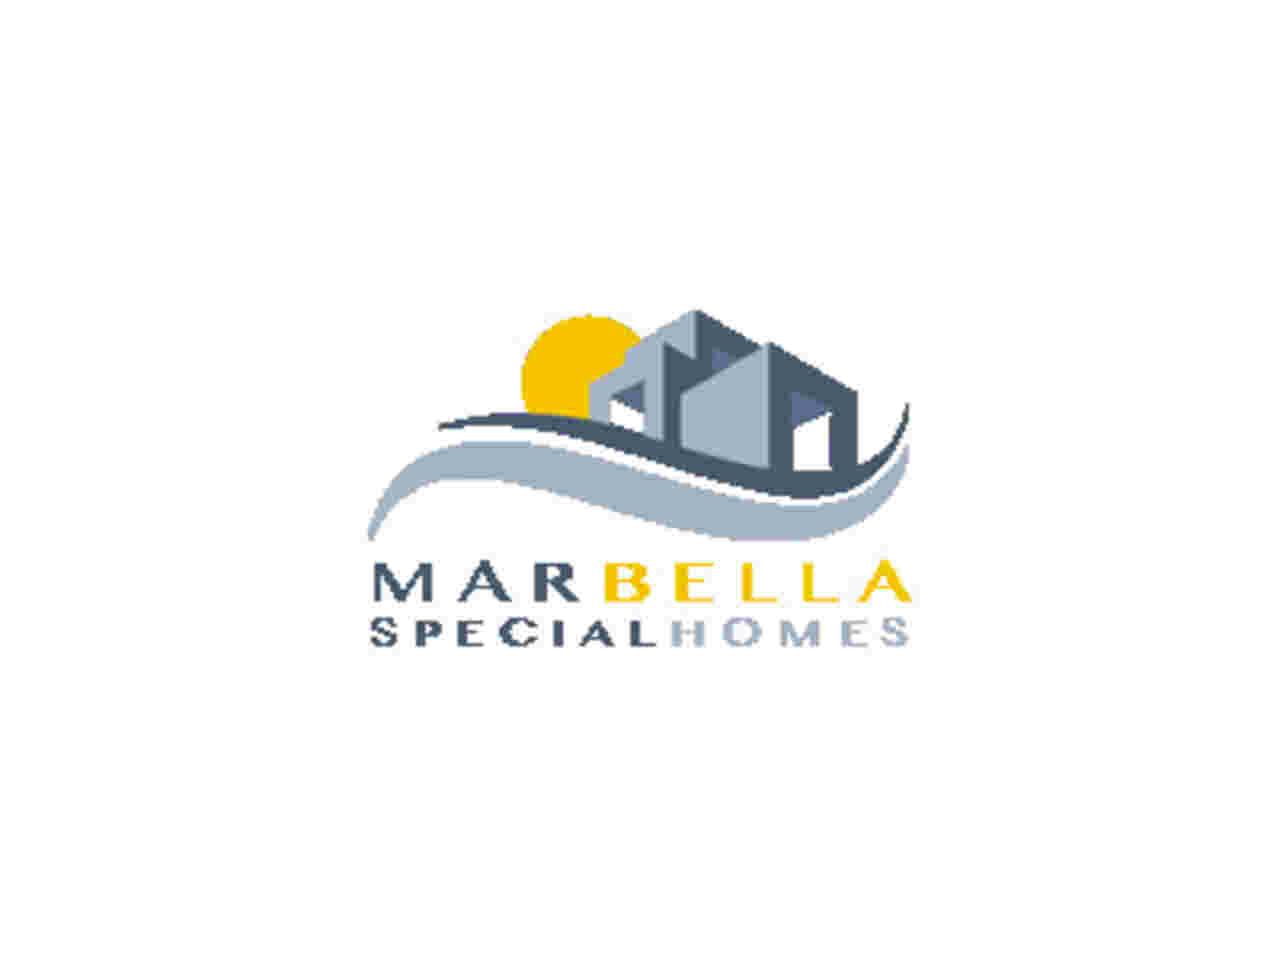 Marbella Special Homes